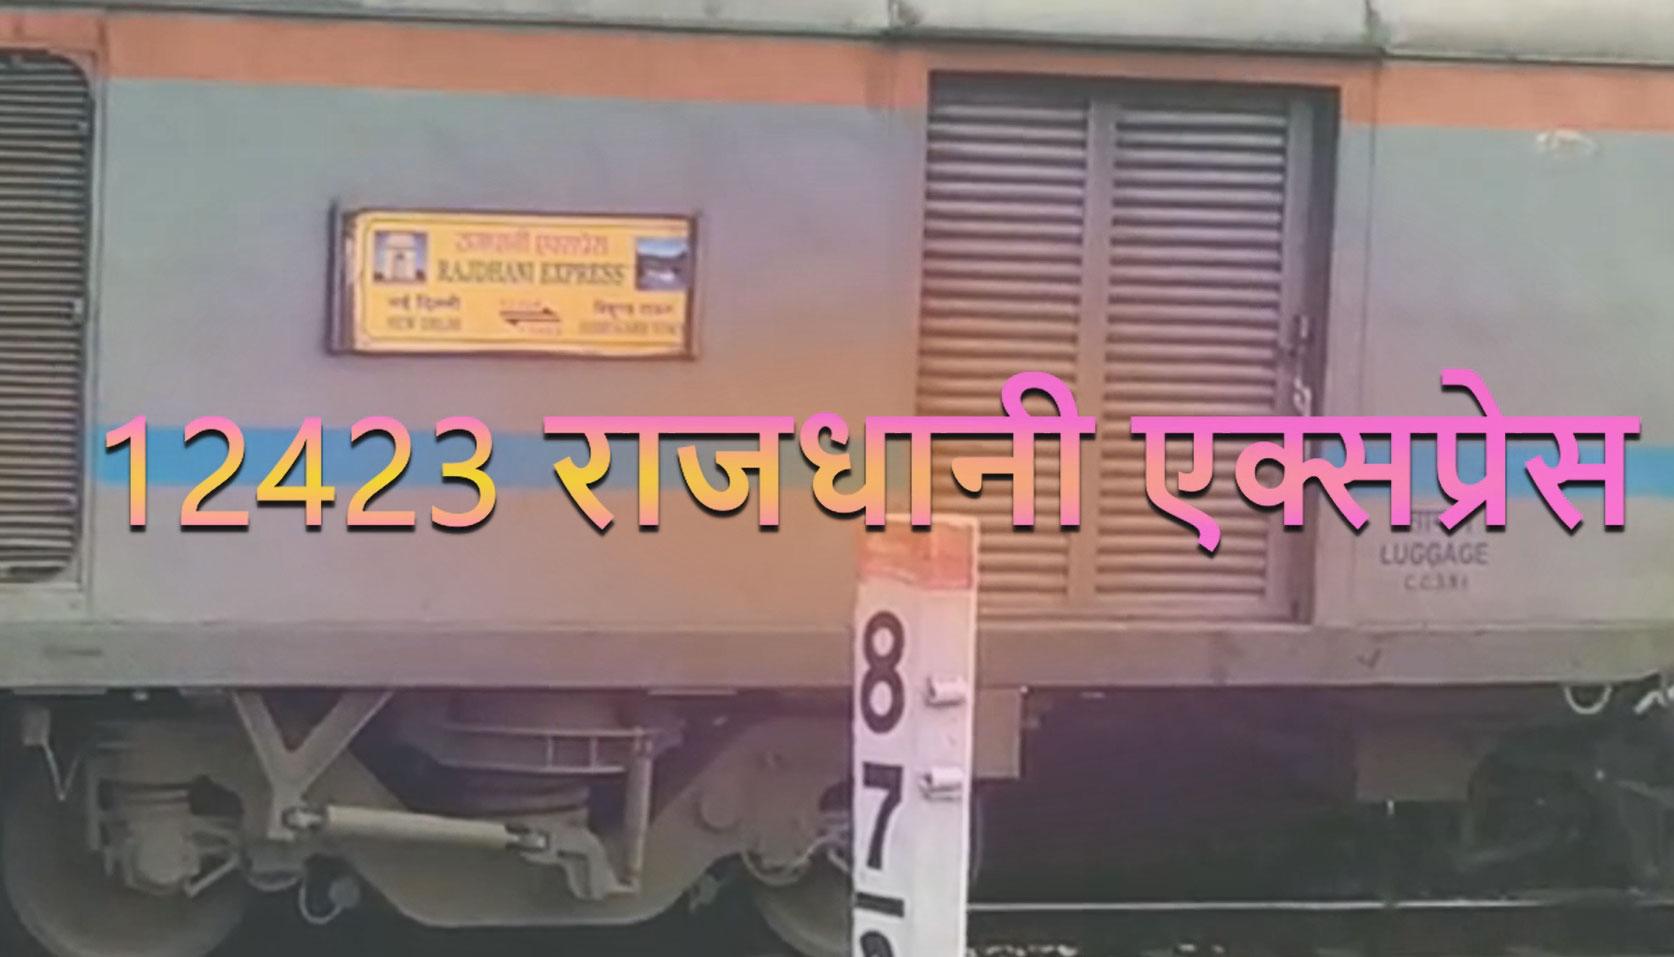 Dibrugarh Town - New Delhi Rajdhani Express